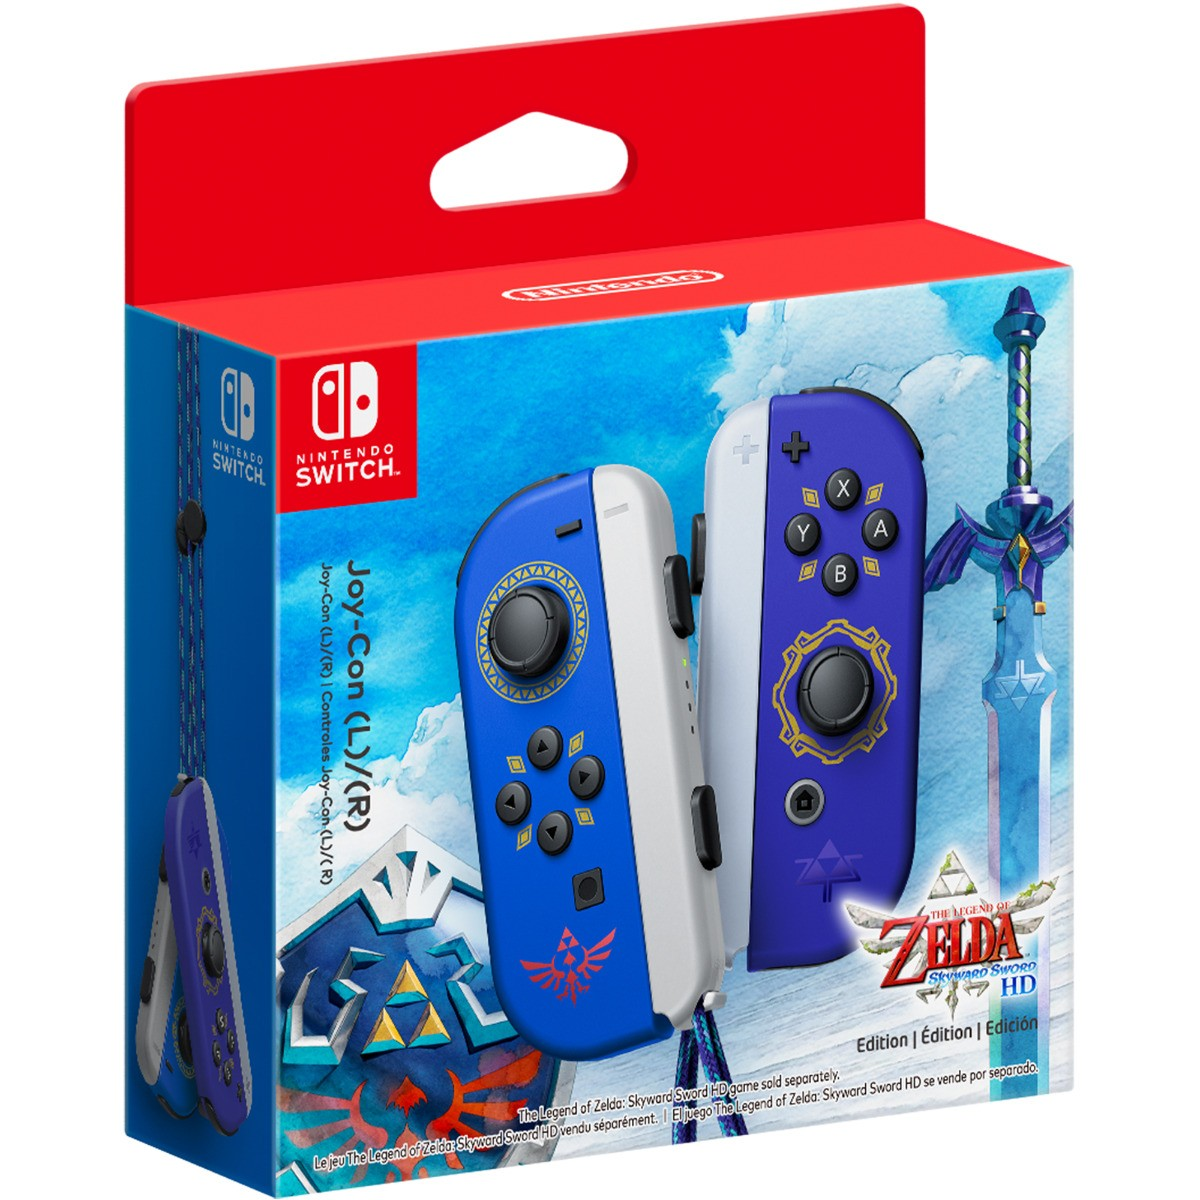 Игровой контроллер/джойстик/геймпад Joy-Con The Legend of Zelda: Skyward Sword HD Edition - SWITCH